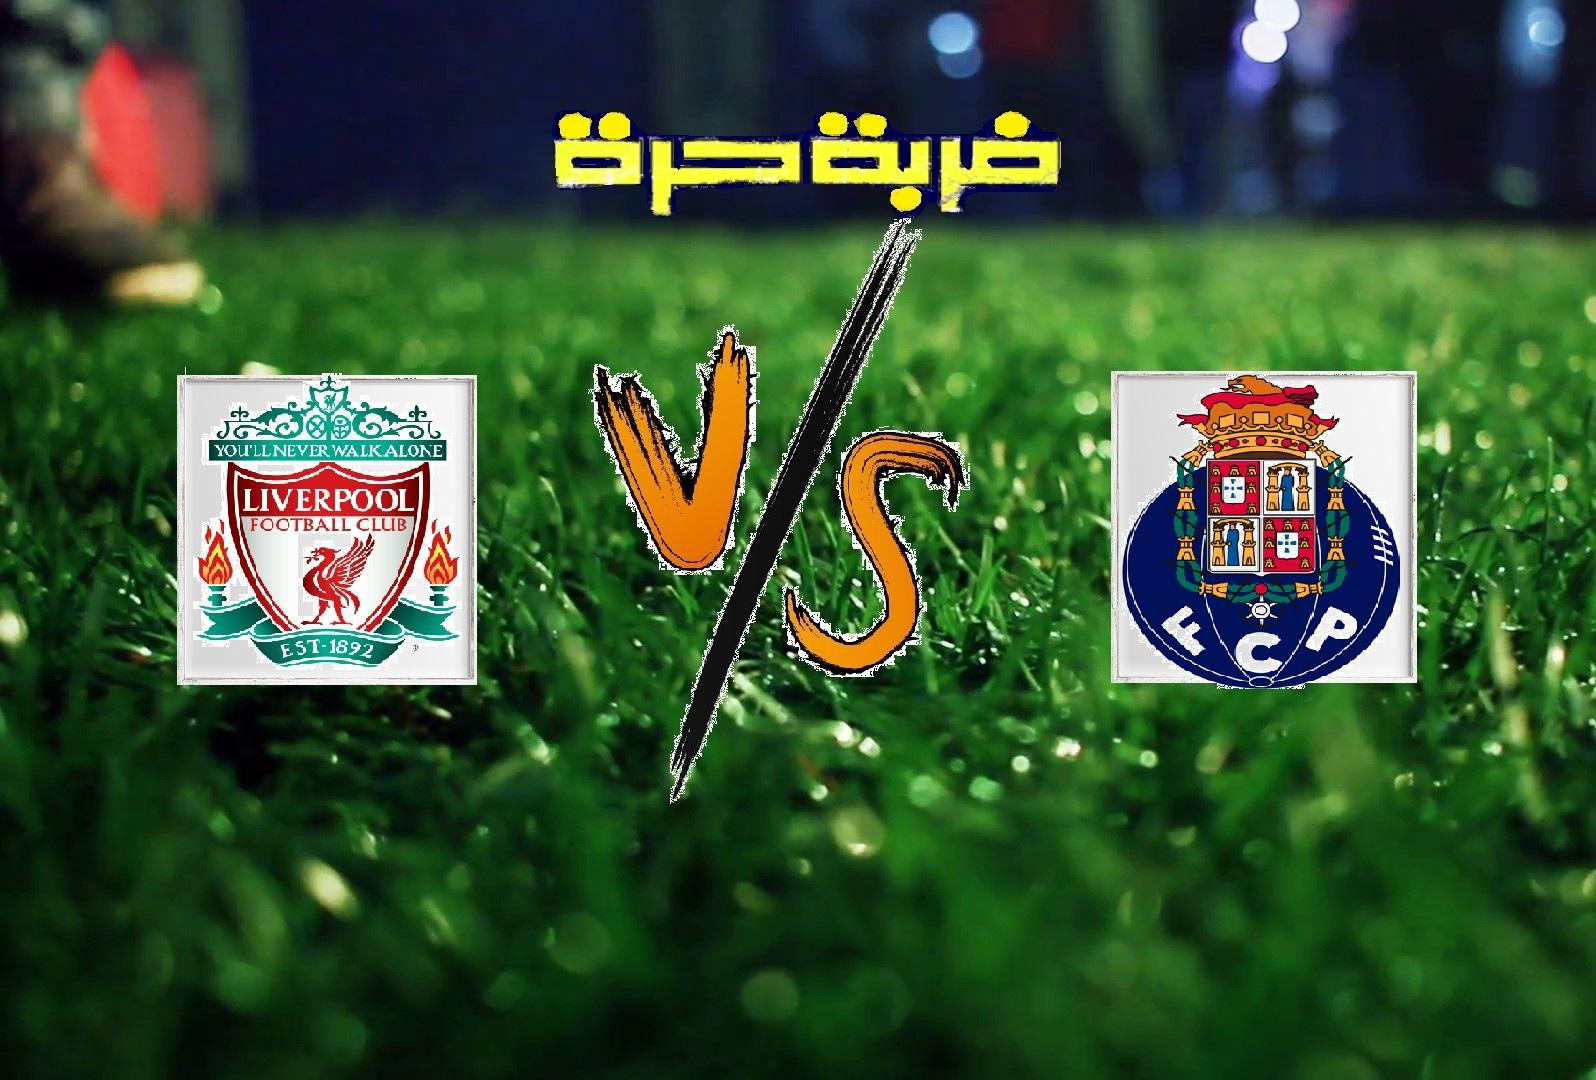 ليفربول يفوز على بورتو بهدفين دون رد في ذهاب ربع نهائي دوري أبطال أوروبا